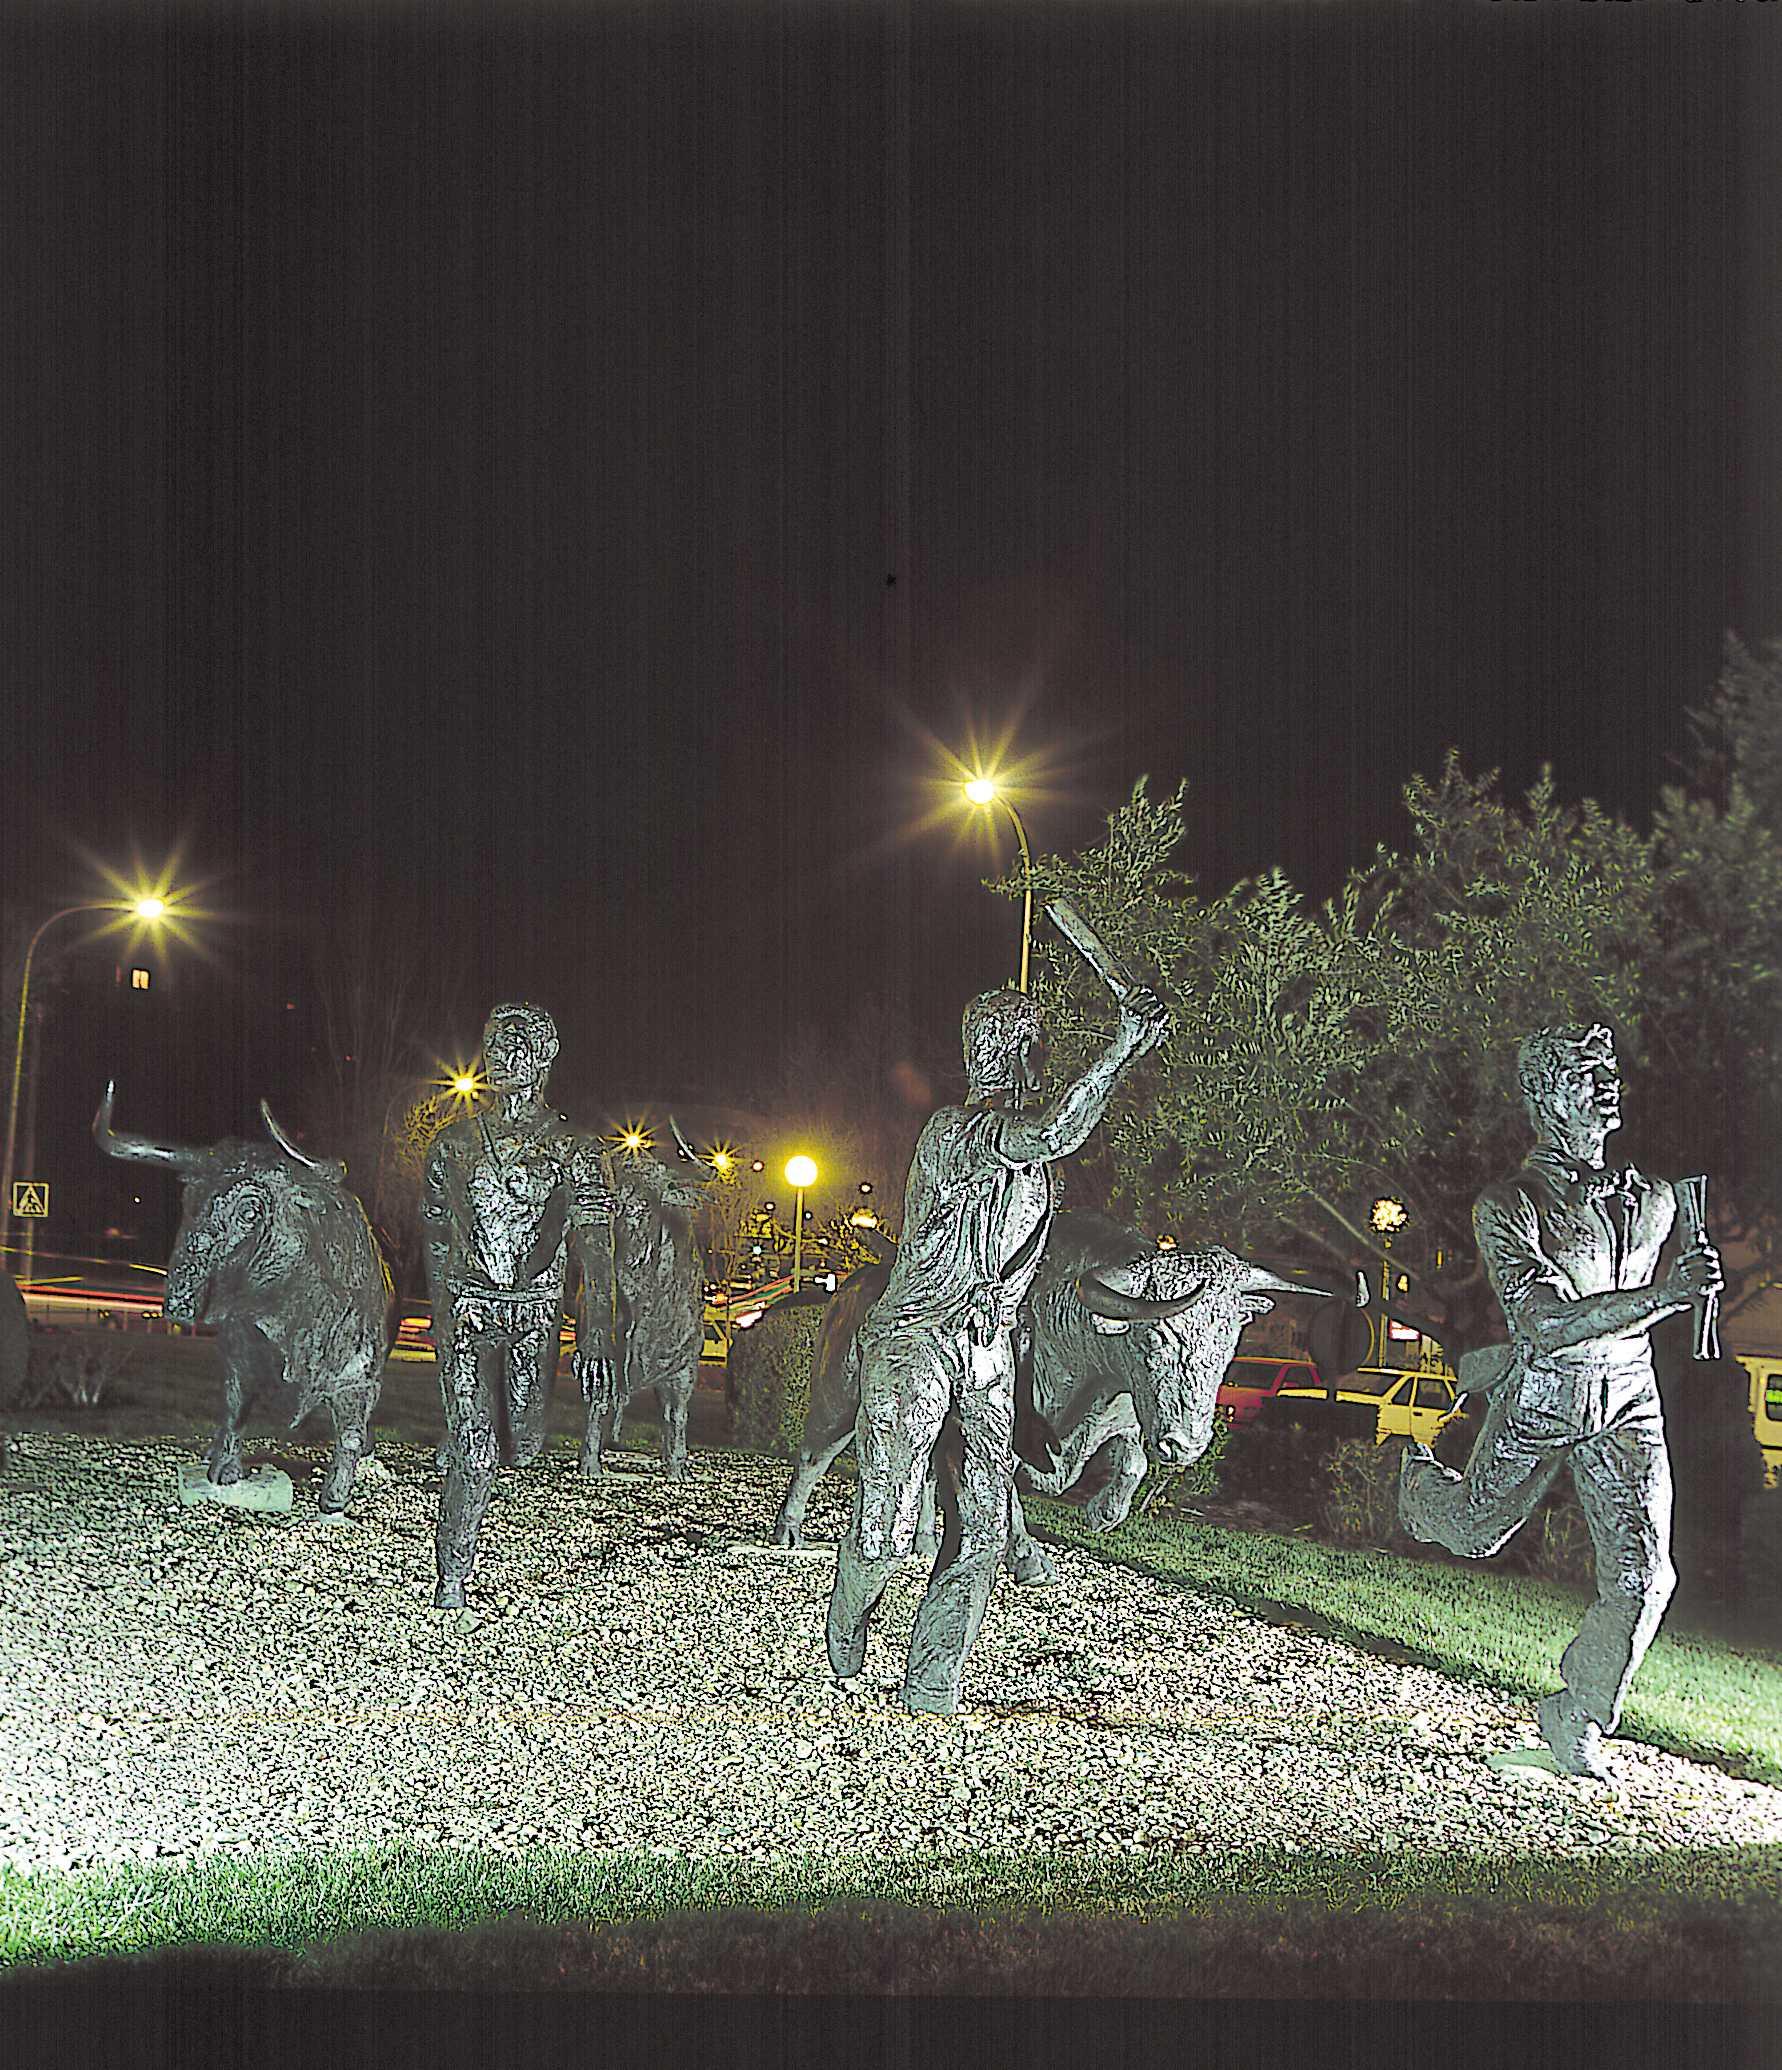 Monumento a los encierros en San Sebastián de los Reyes